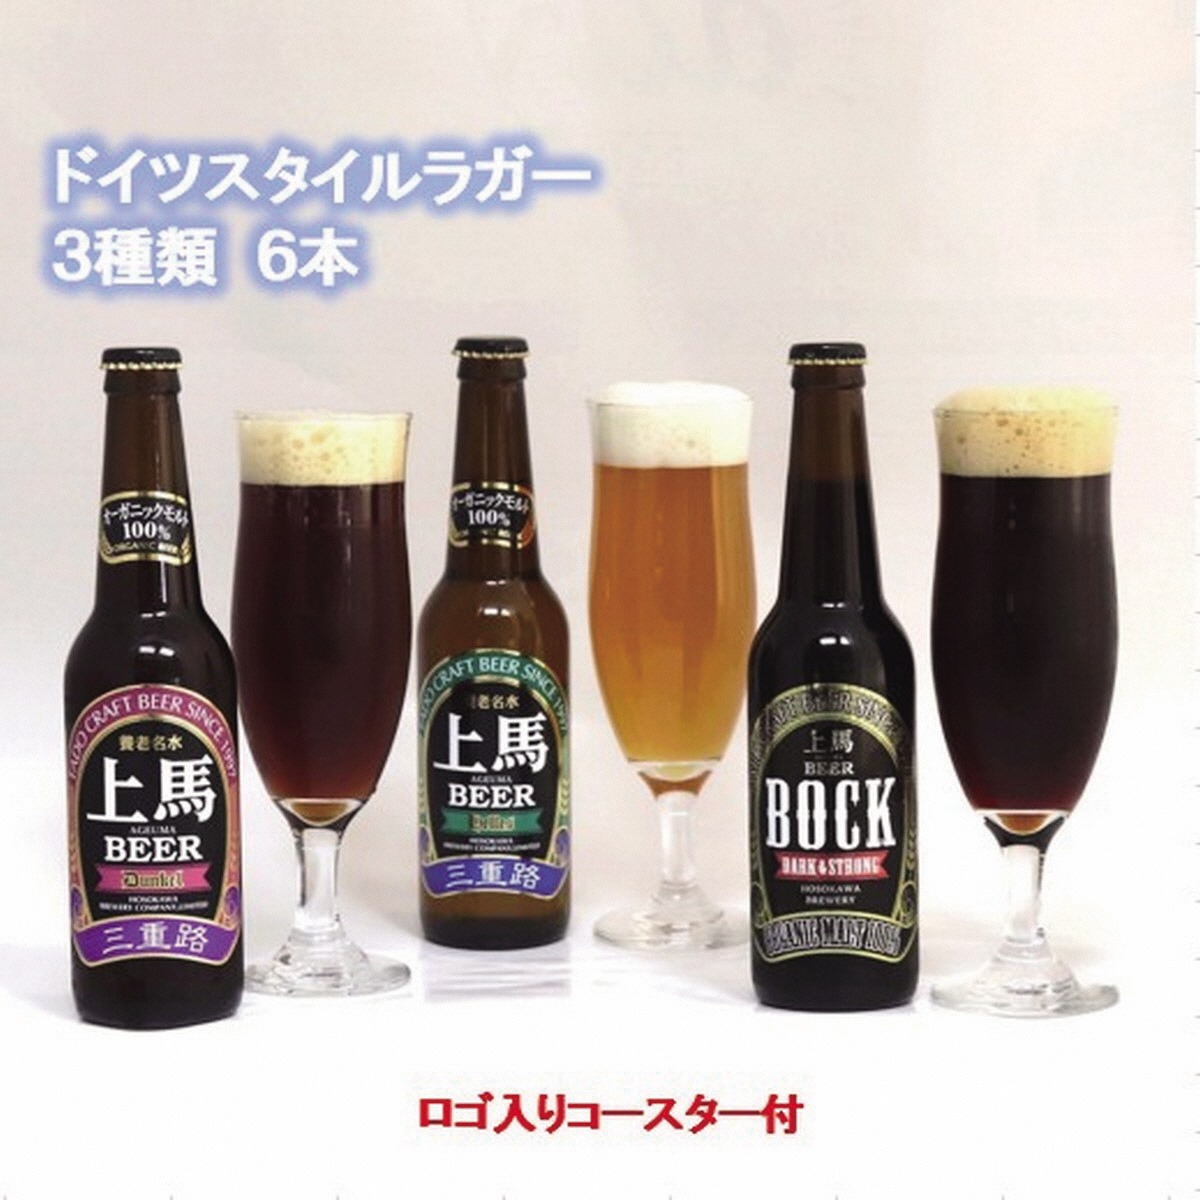 【ふるさと納税】 細川酒造 桑名のクラフトビール<上馬>BHD330 6本セット コースター付